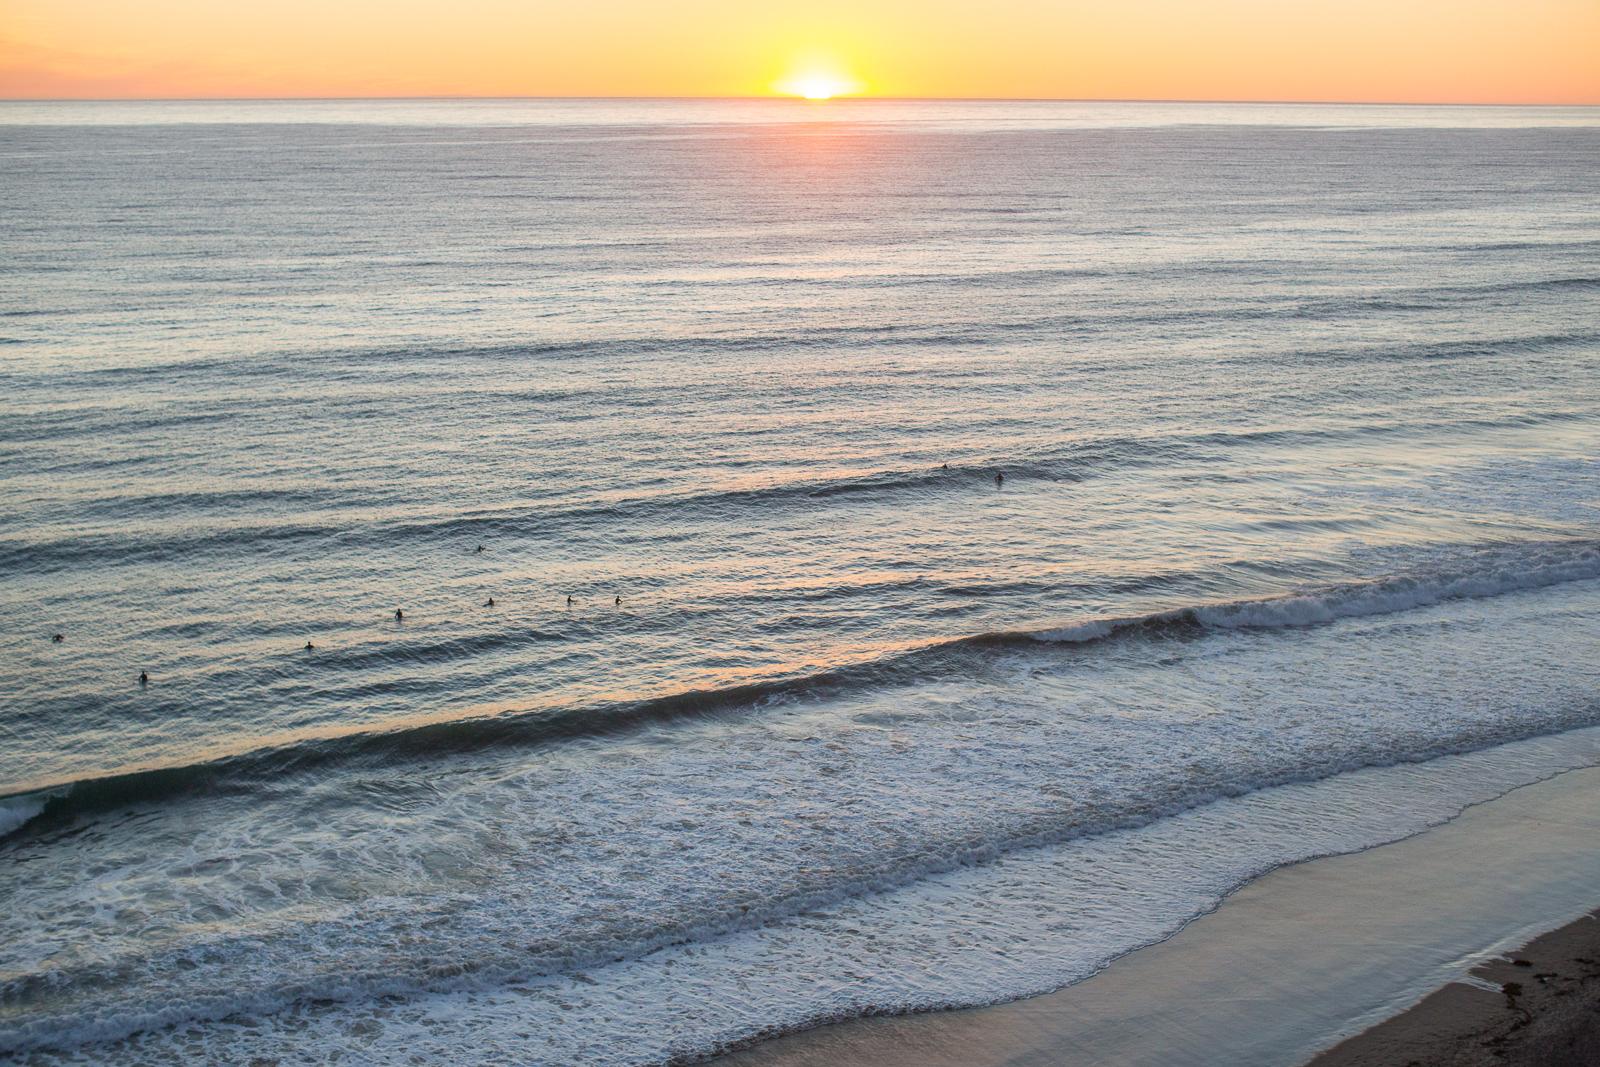 Santa Barbara proposal at sunset over hendry's beach